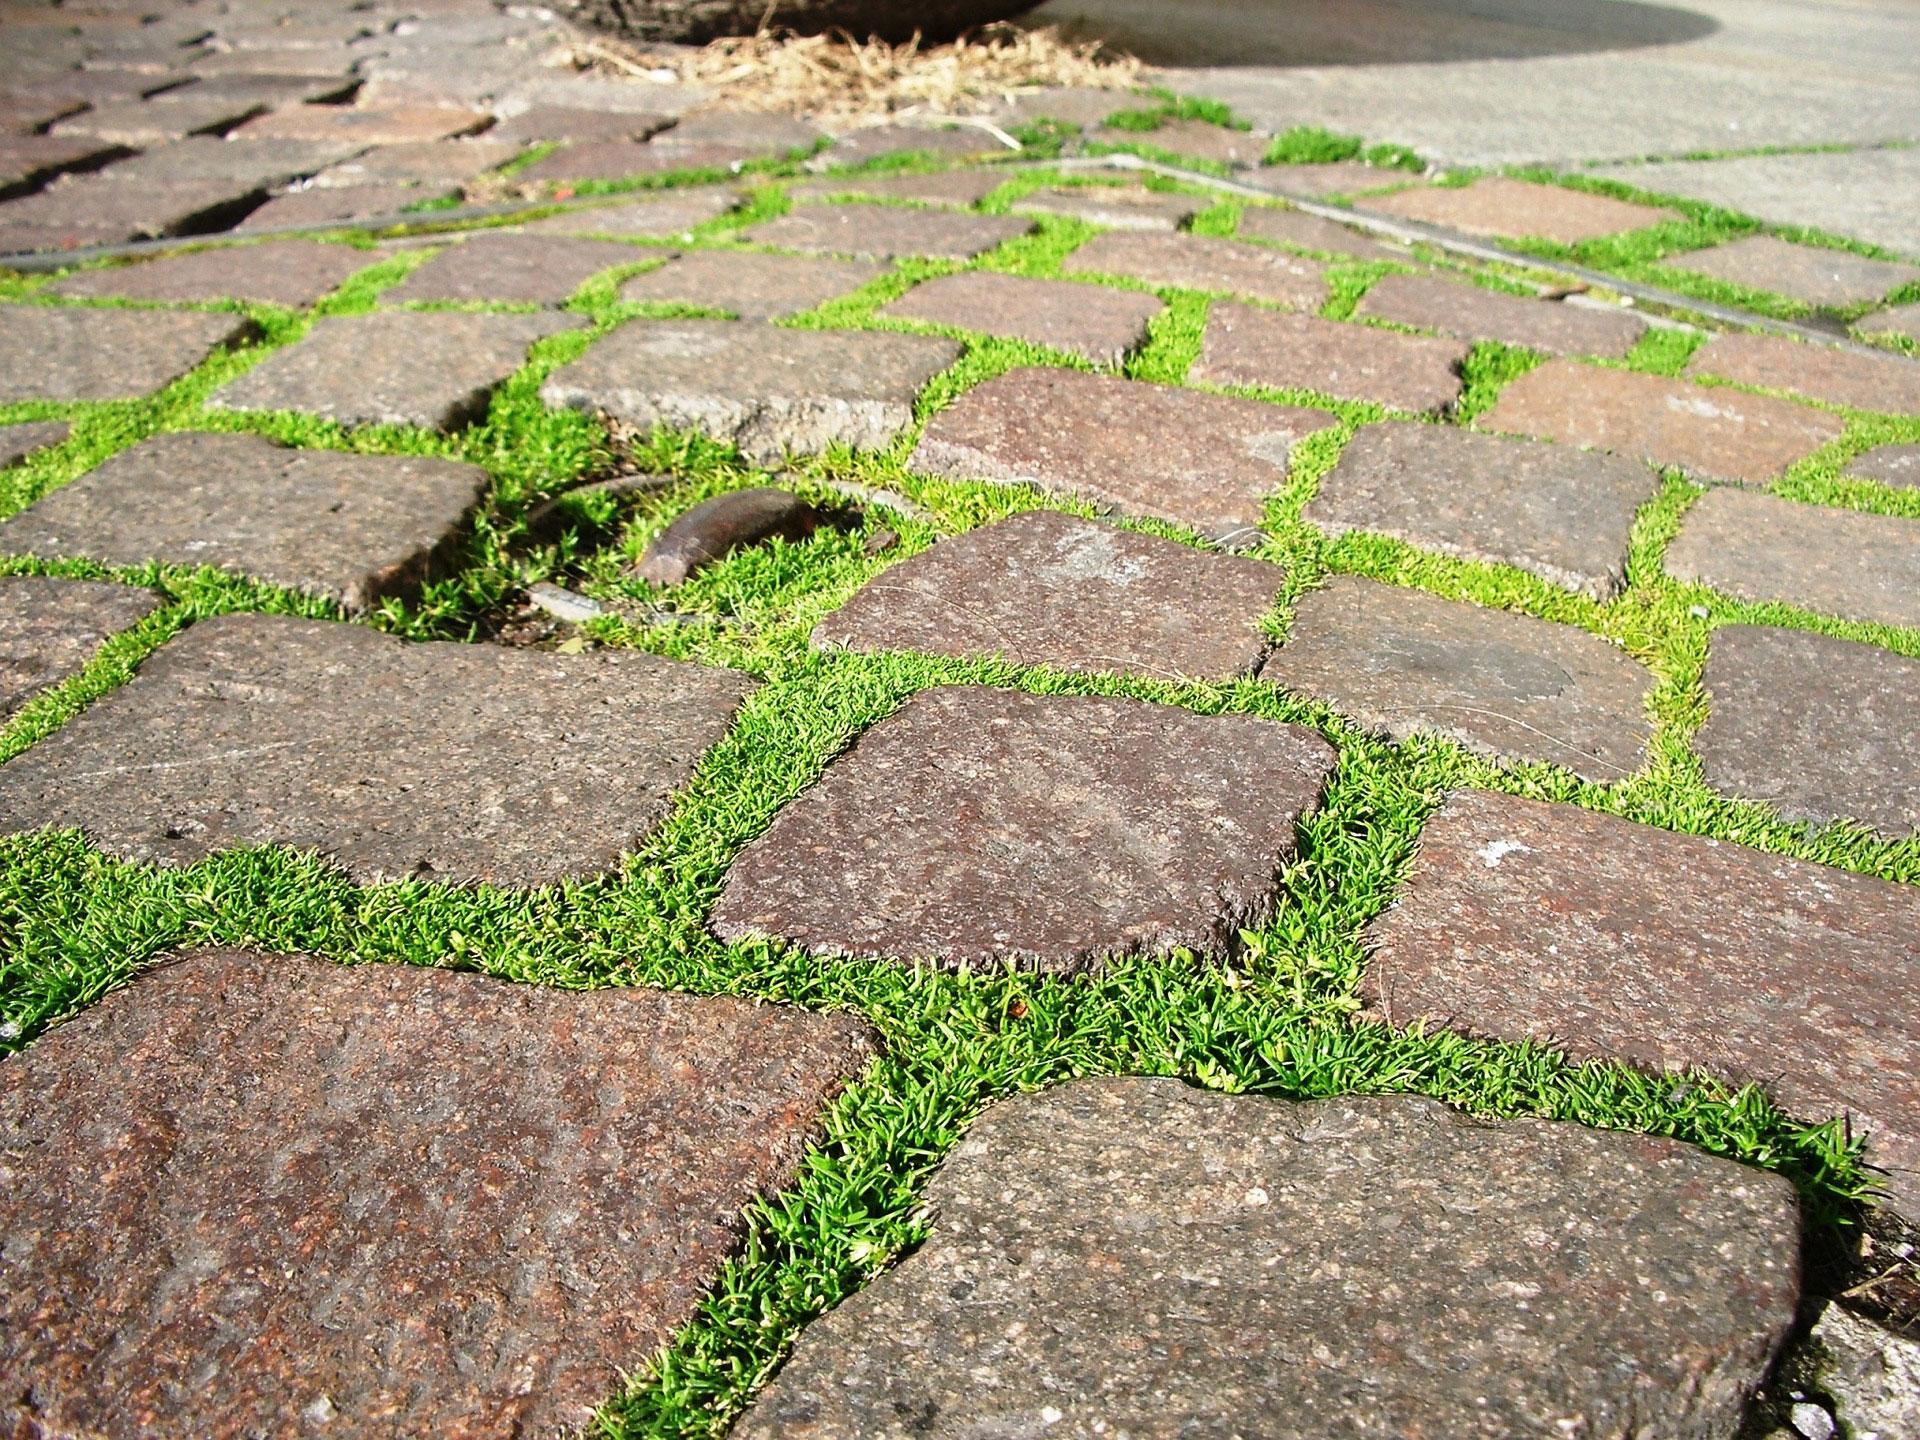 Slitstarkt foggräs är utmärkt som prydnad mellan stenplattor i trädgården.